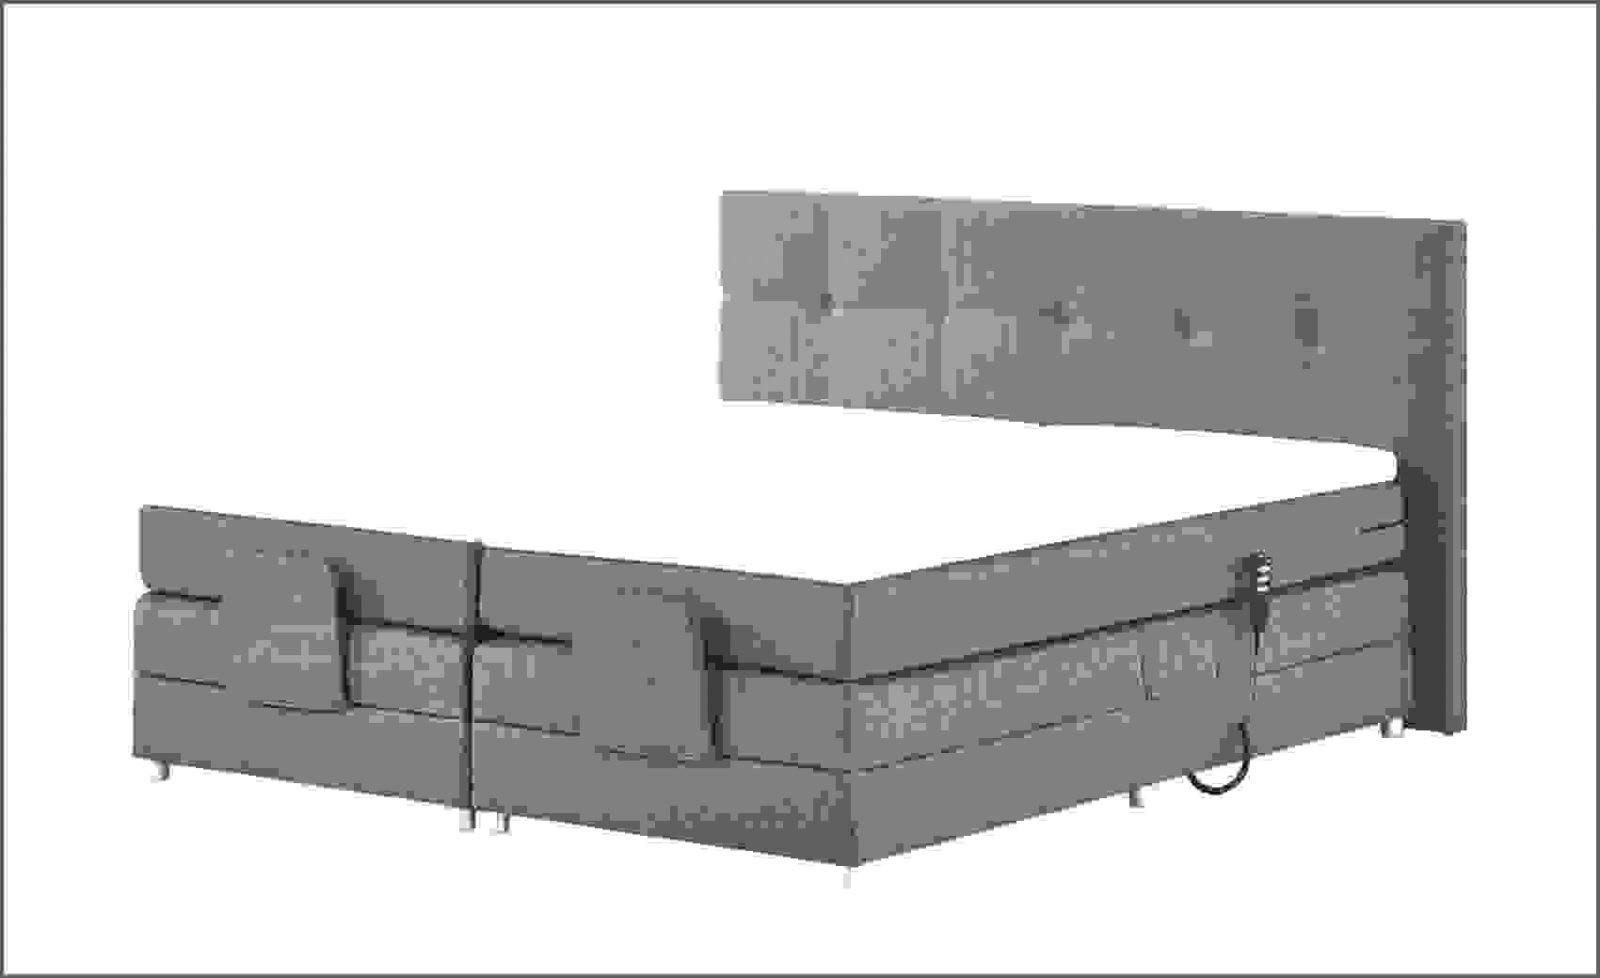 Neueste 40 Boxspringbett Dormian Designideen  Die Idee Eines Bettes von Wohnwert Boxspringbett Dormian Bild